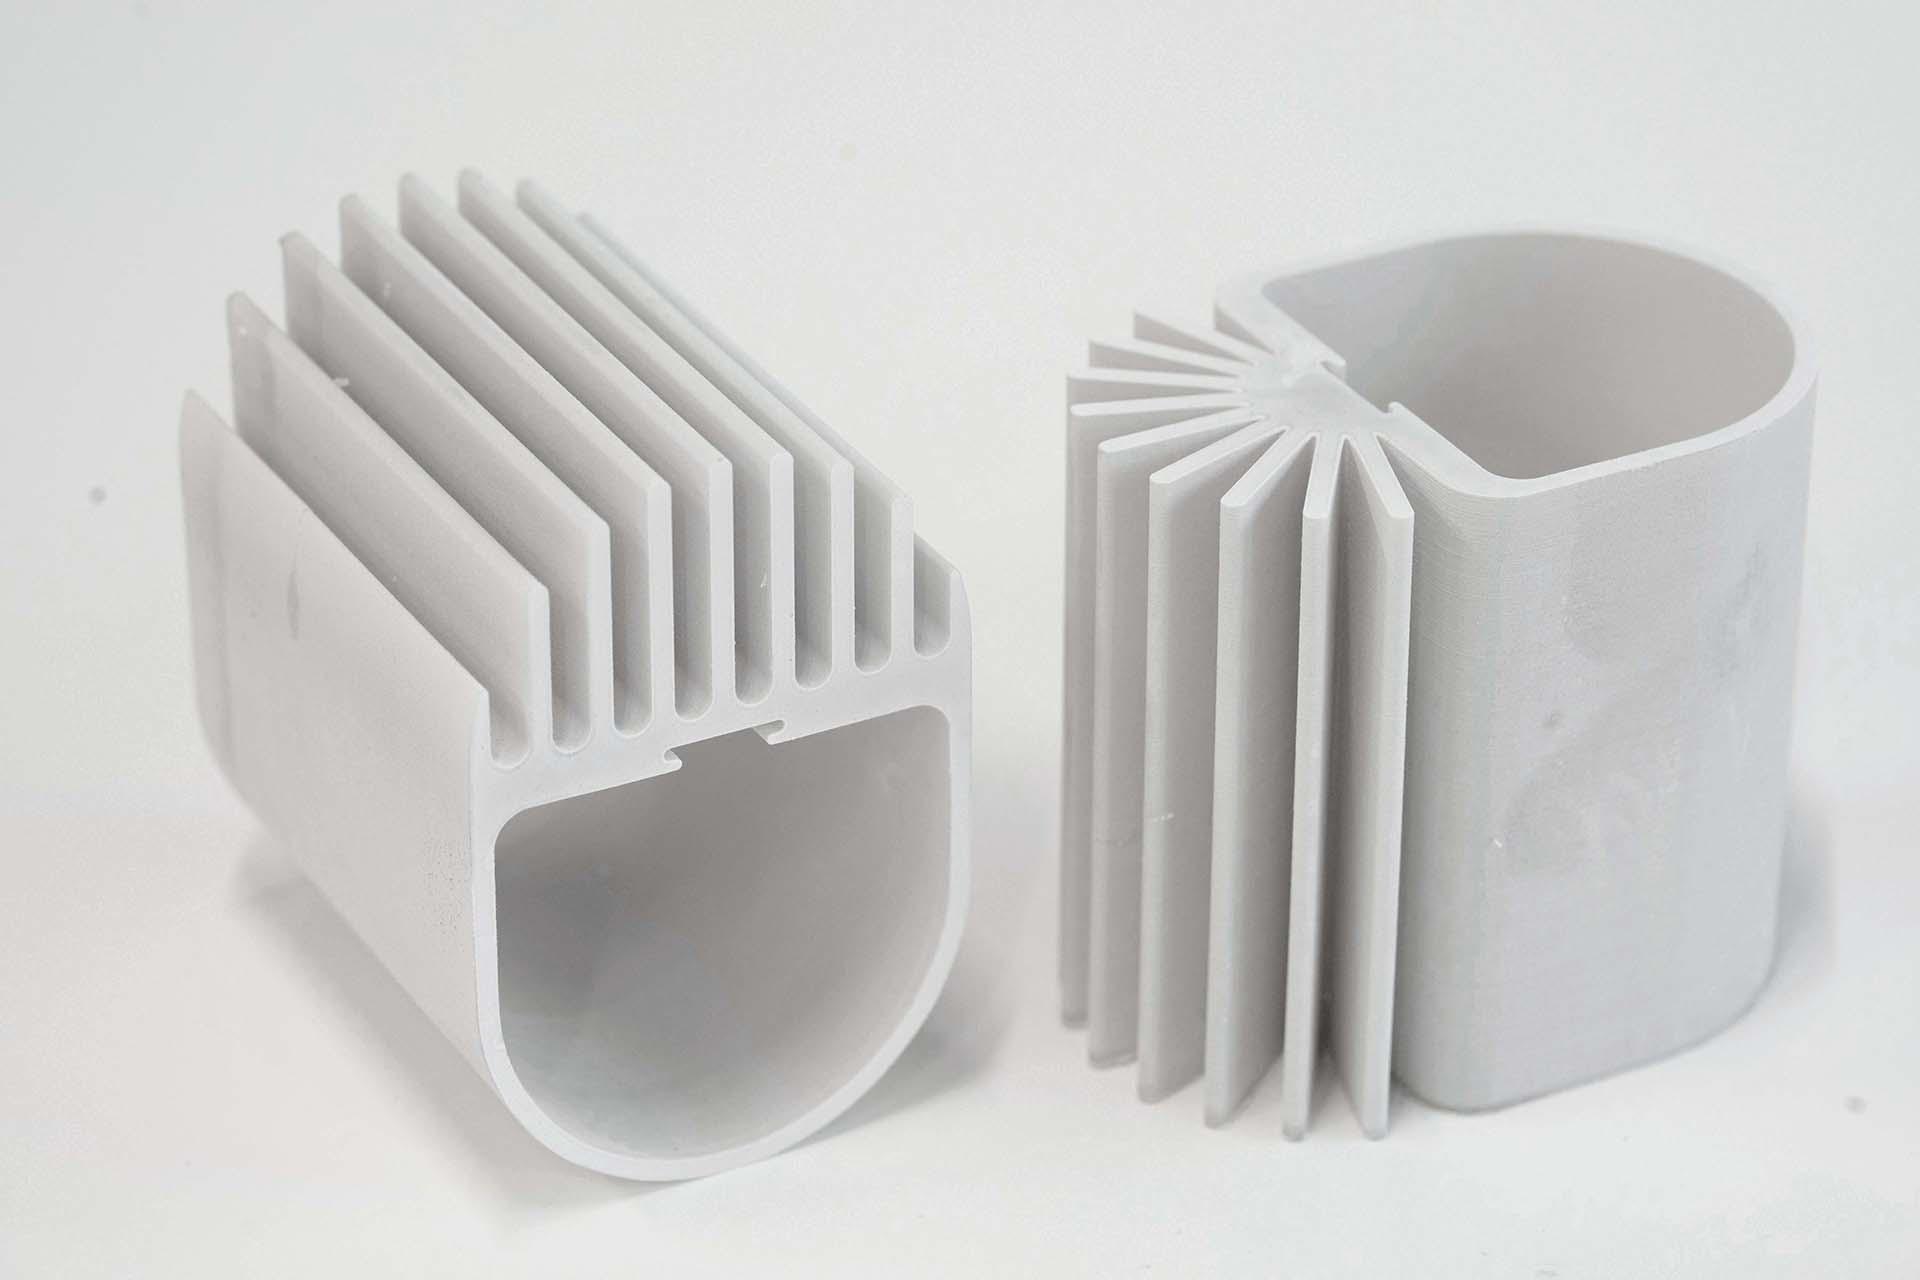 Versuch Leuchtenkühler aus Keramik im 3D-Druck Verfahren herzustellen, zwei hohl Profilquerschnitte mit Kühlrippen